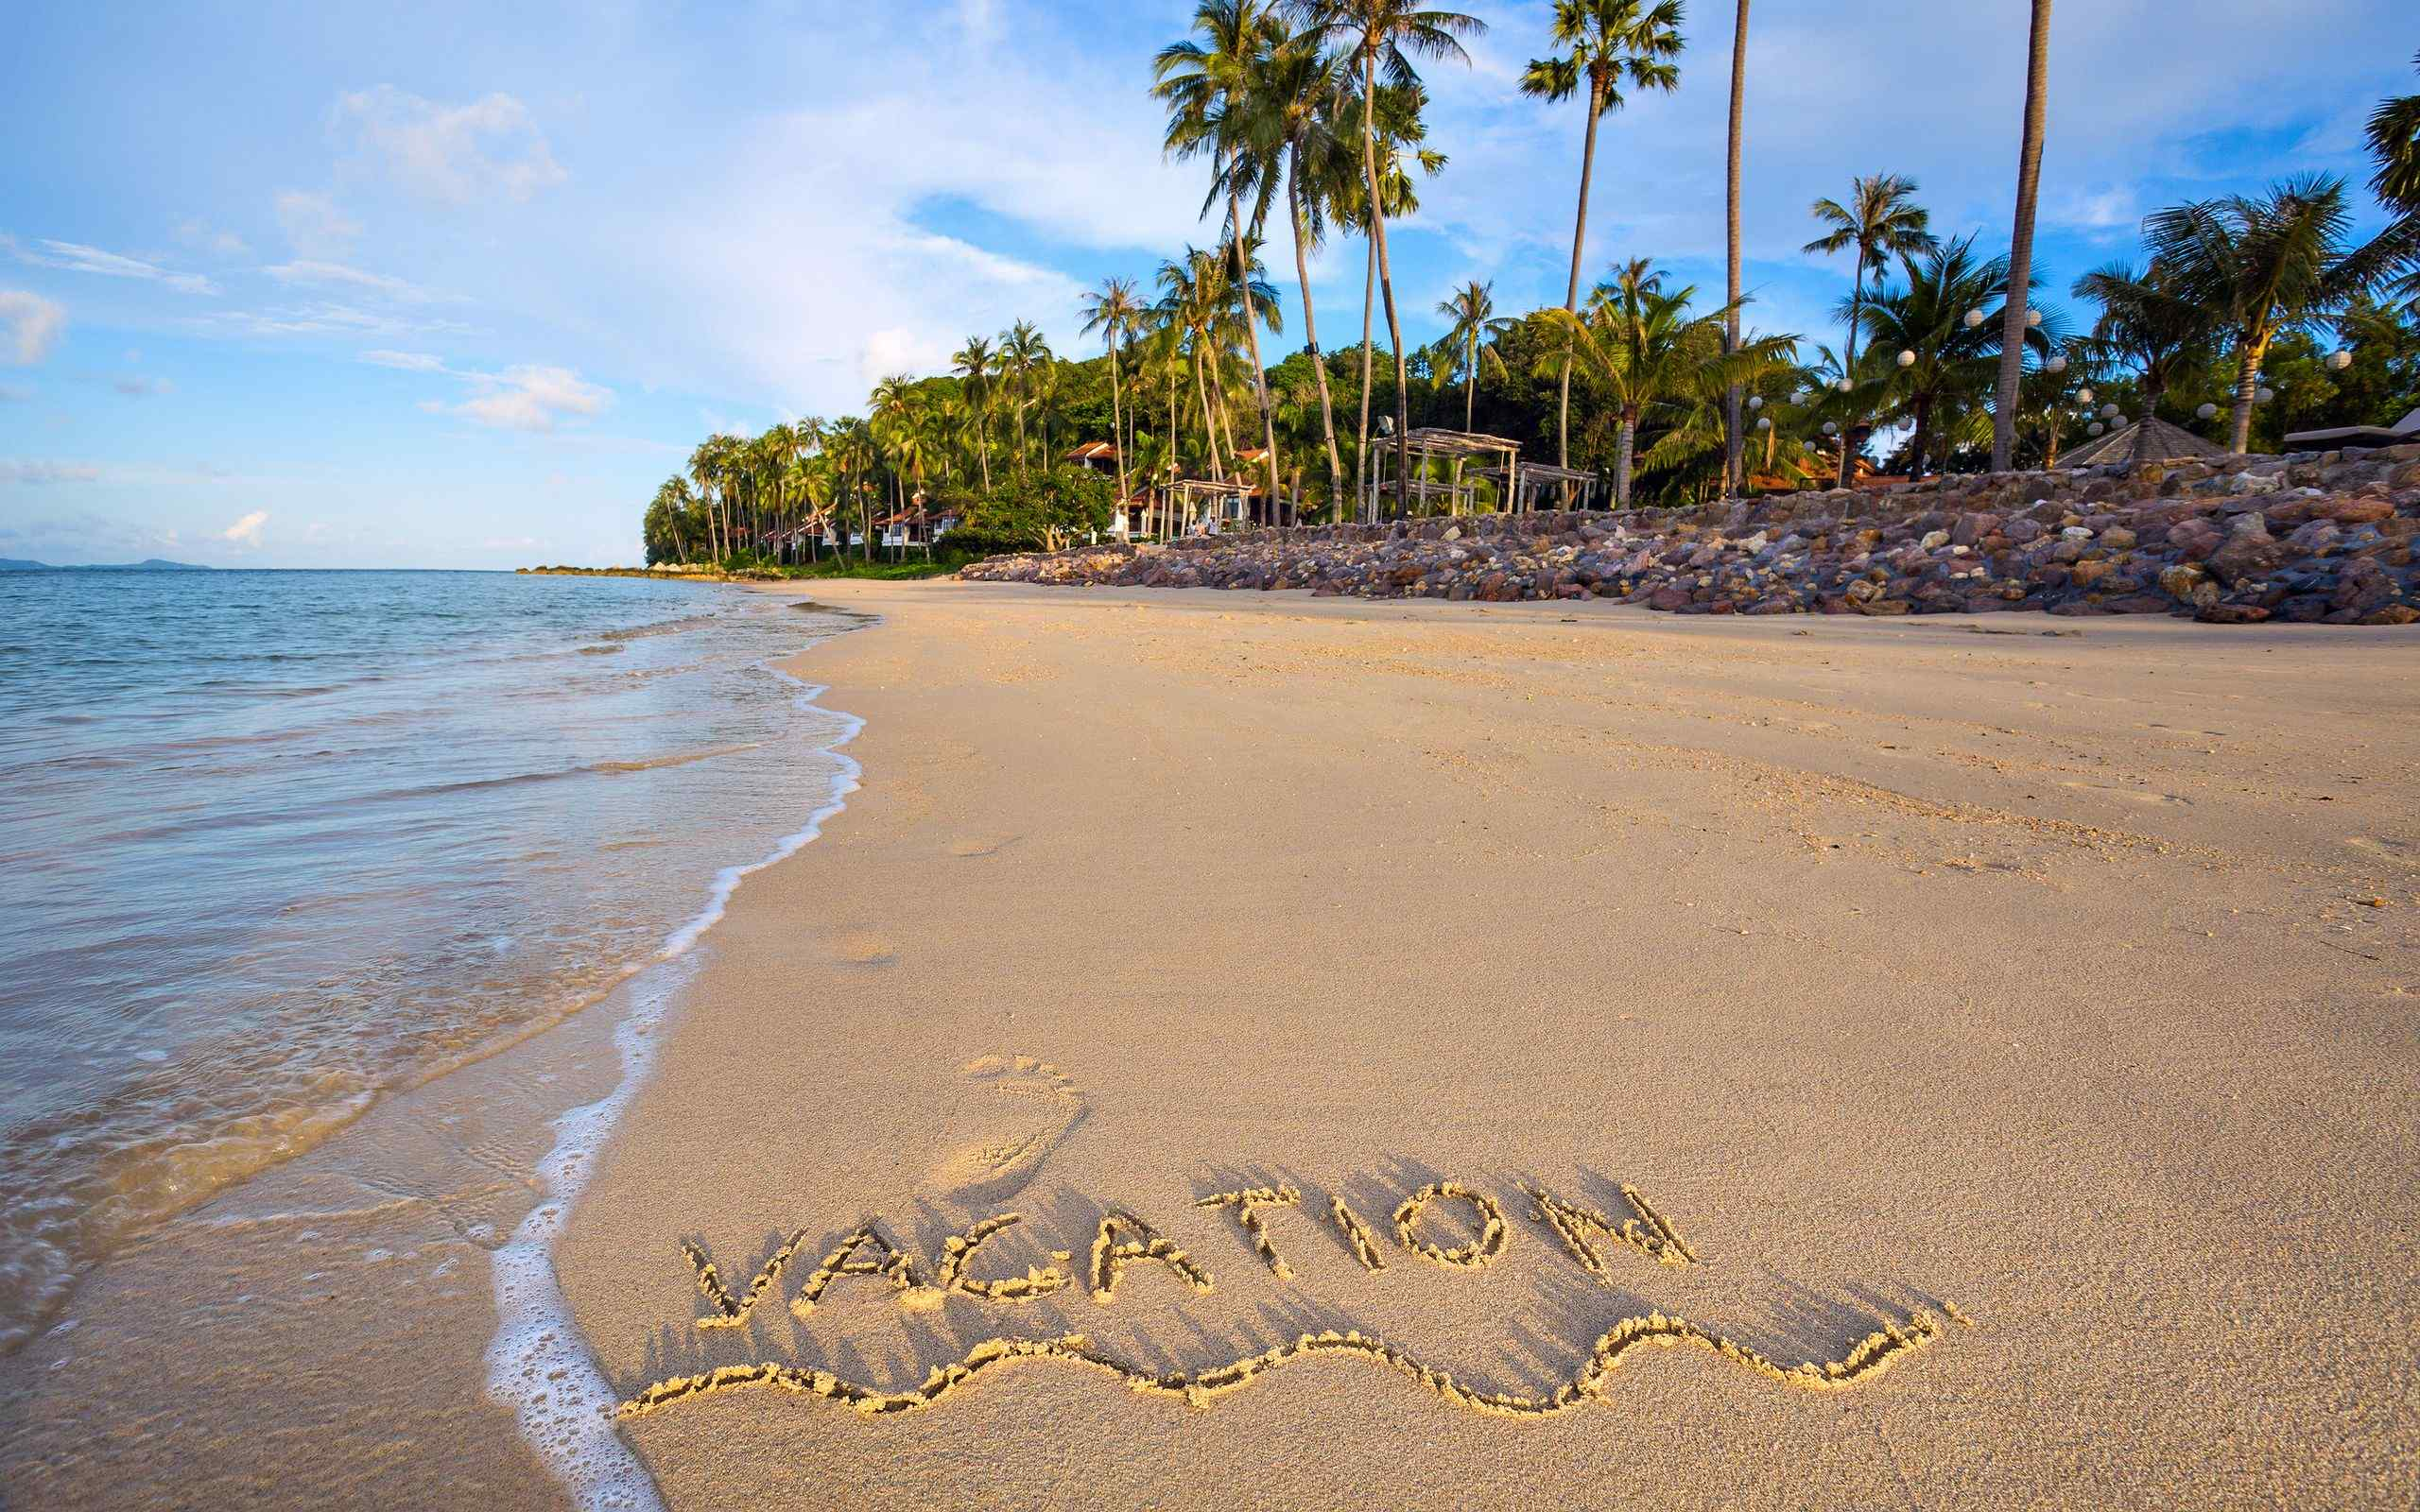 沙滩4下载